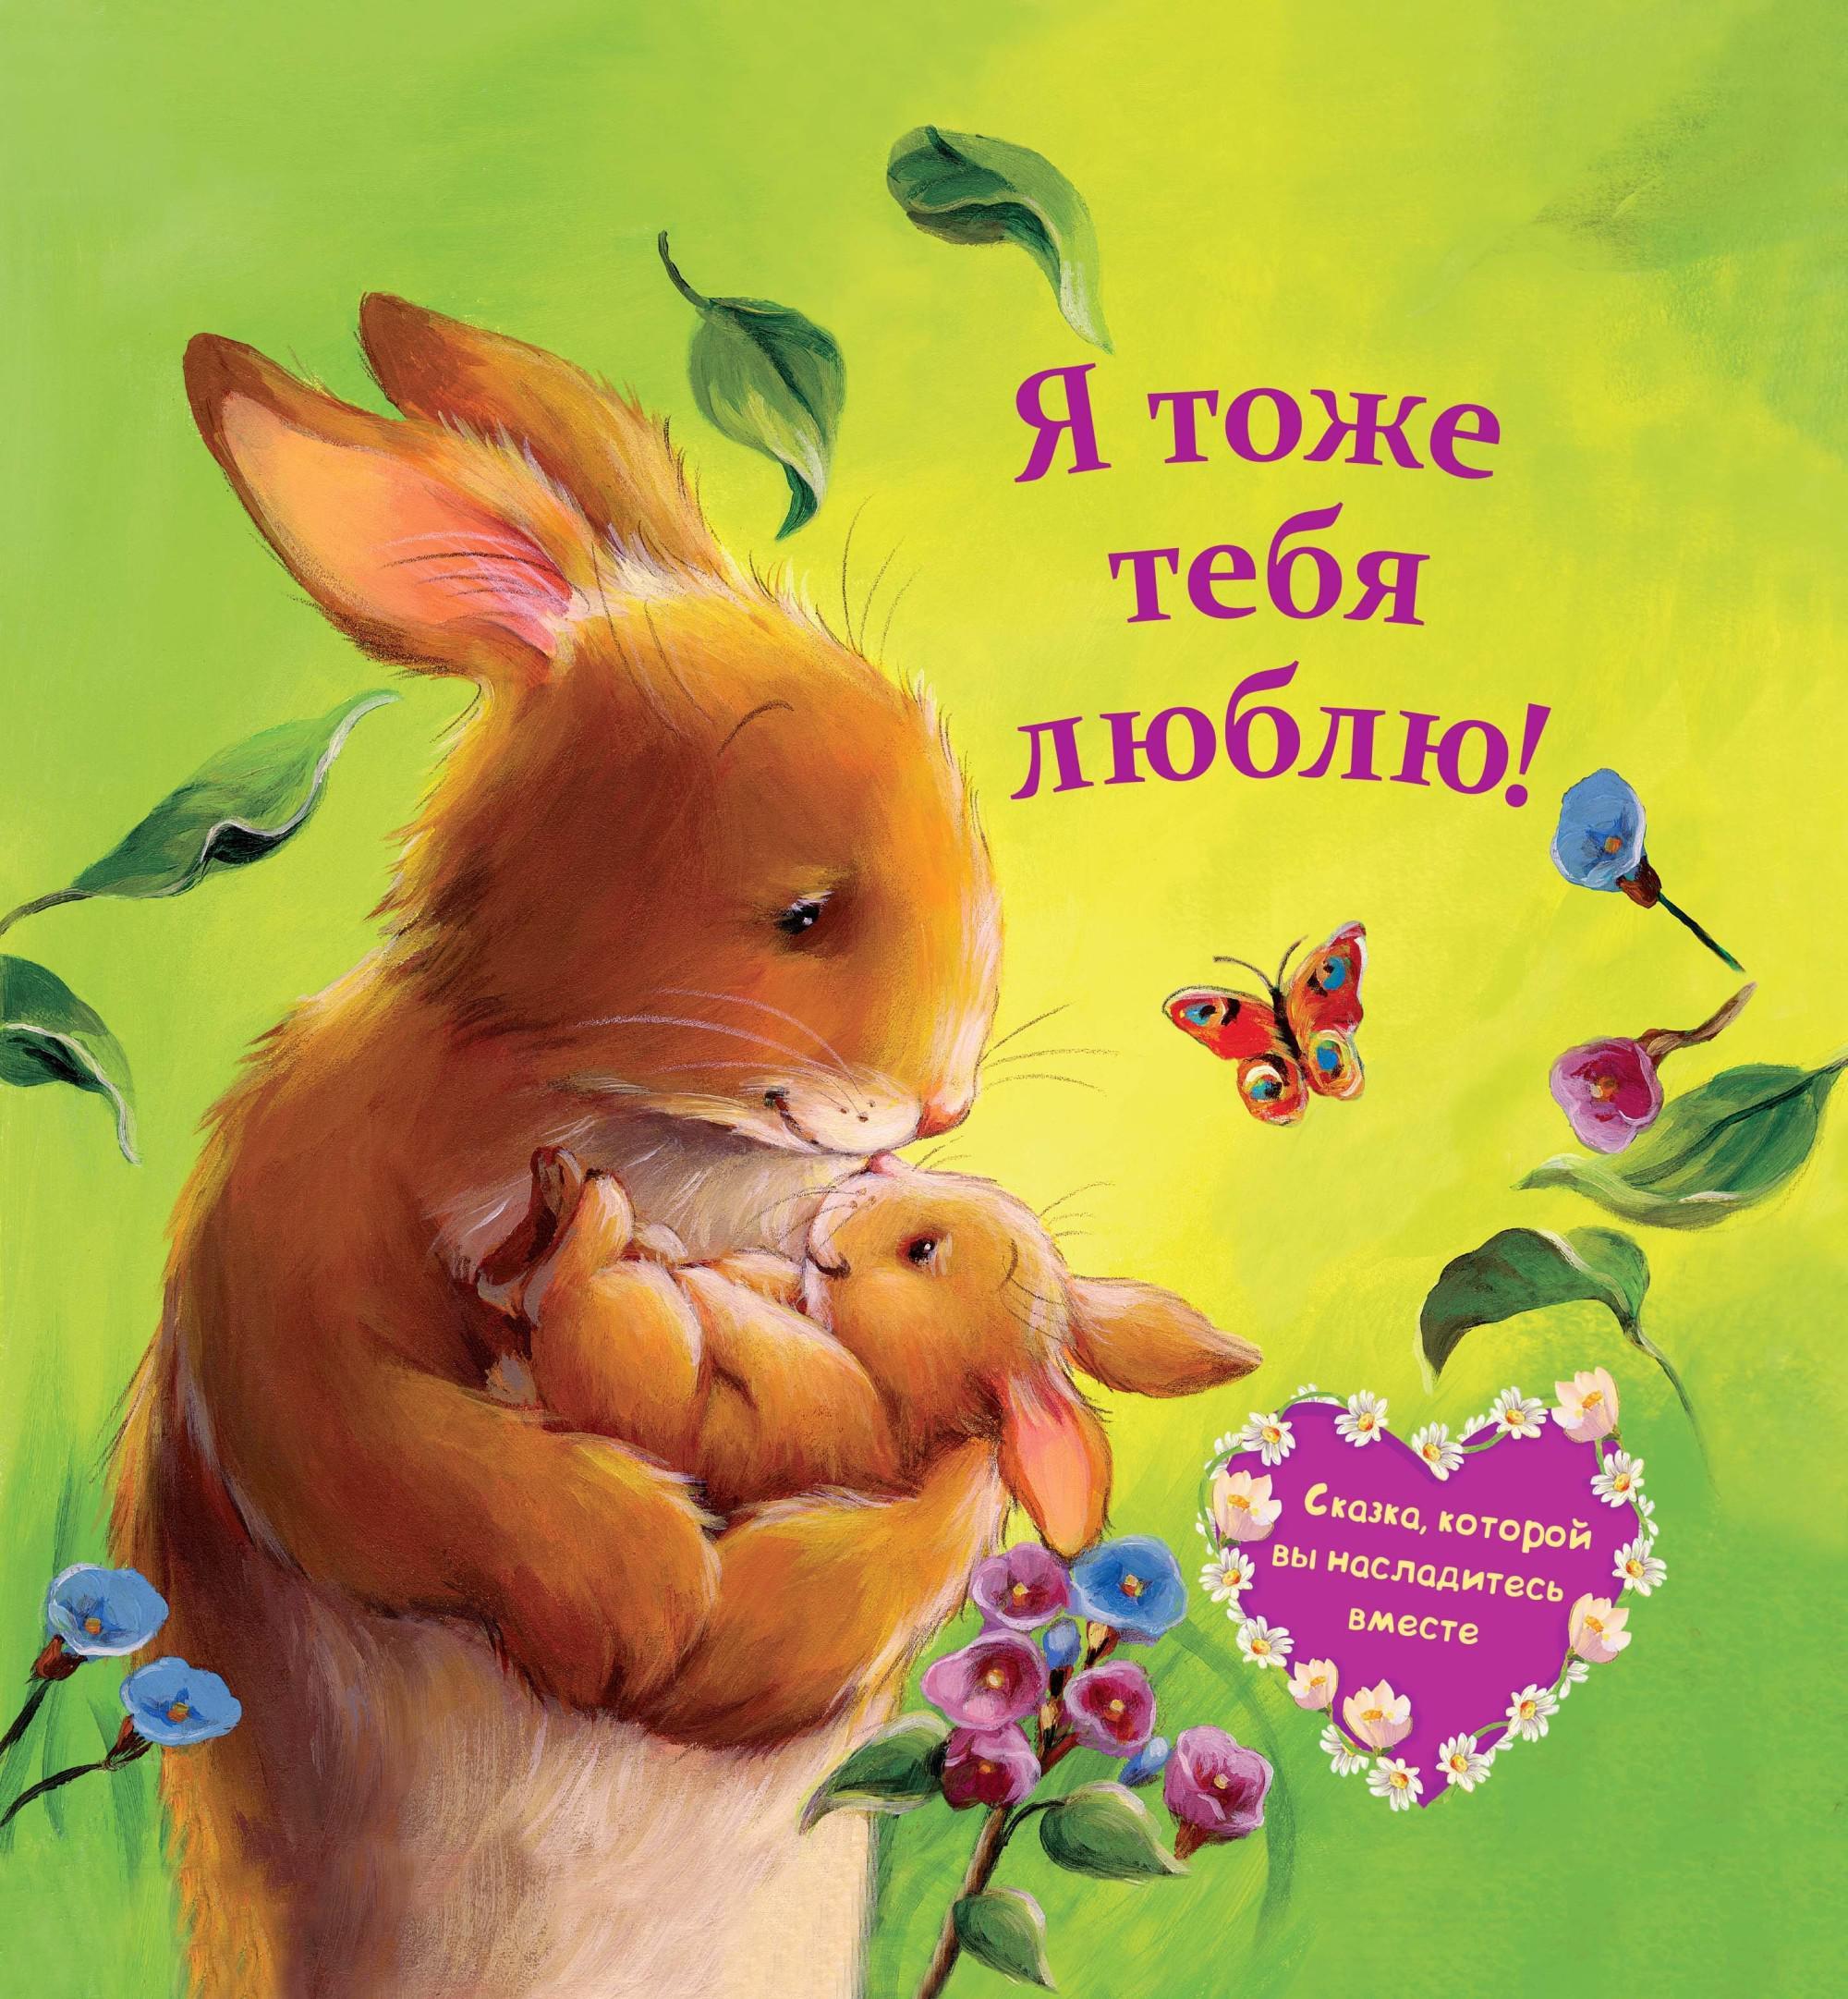 Я тоже тебя люблю!